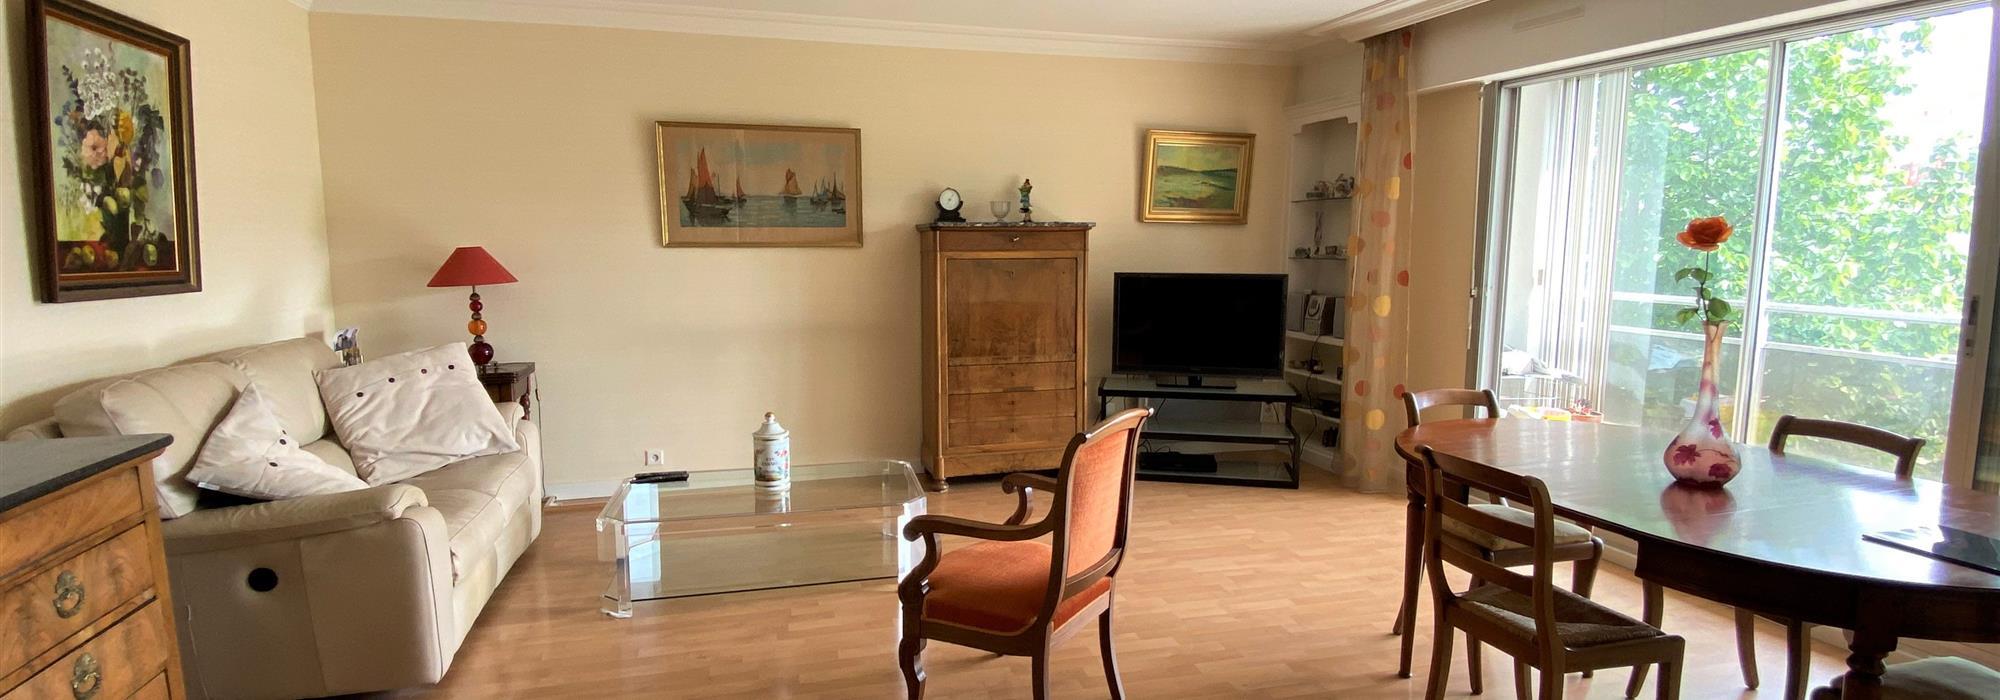 Appartement T5 Rennes Centre-ville